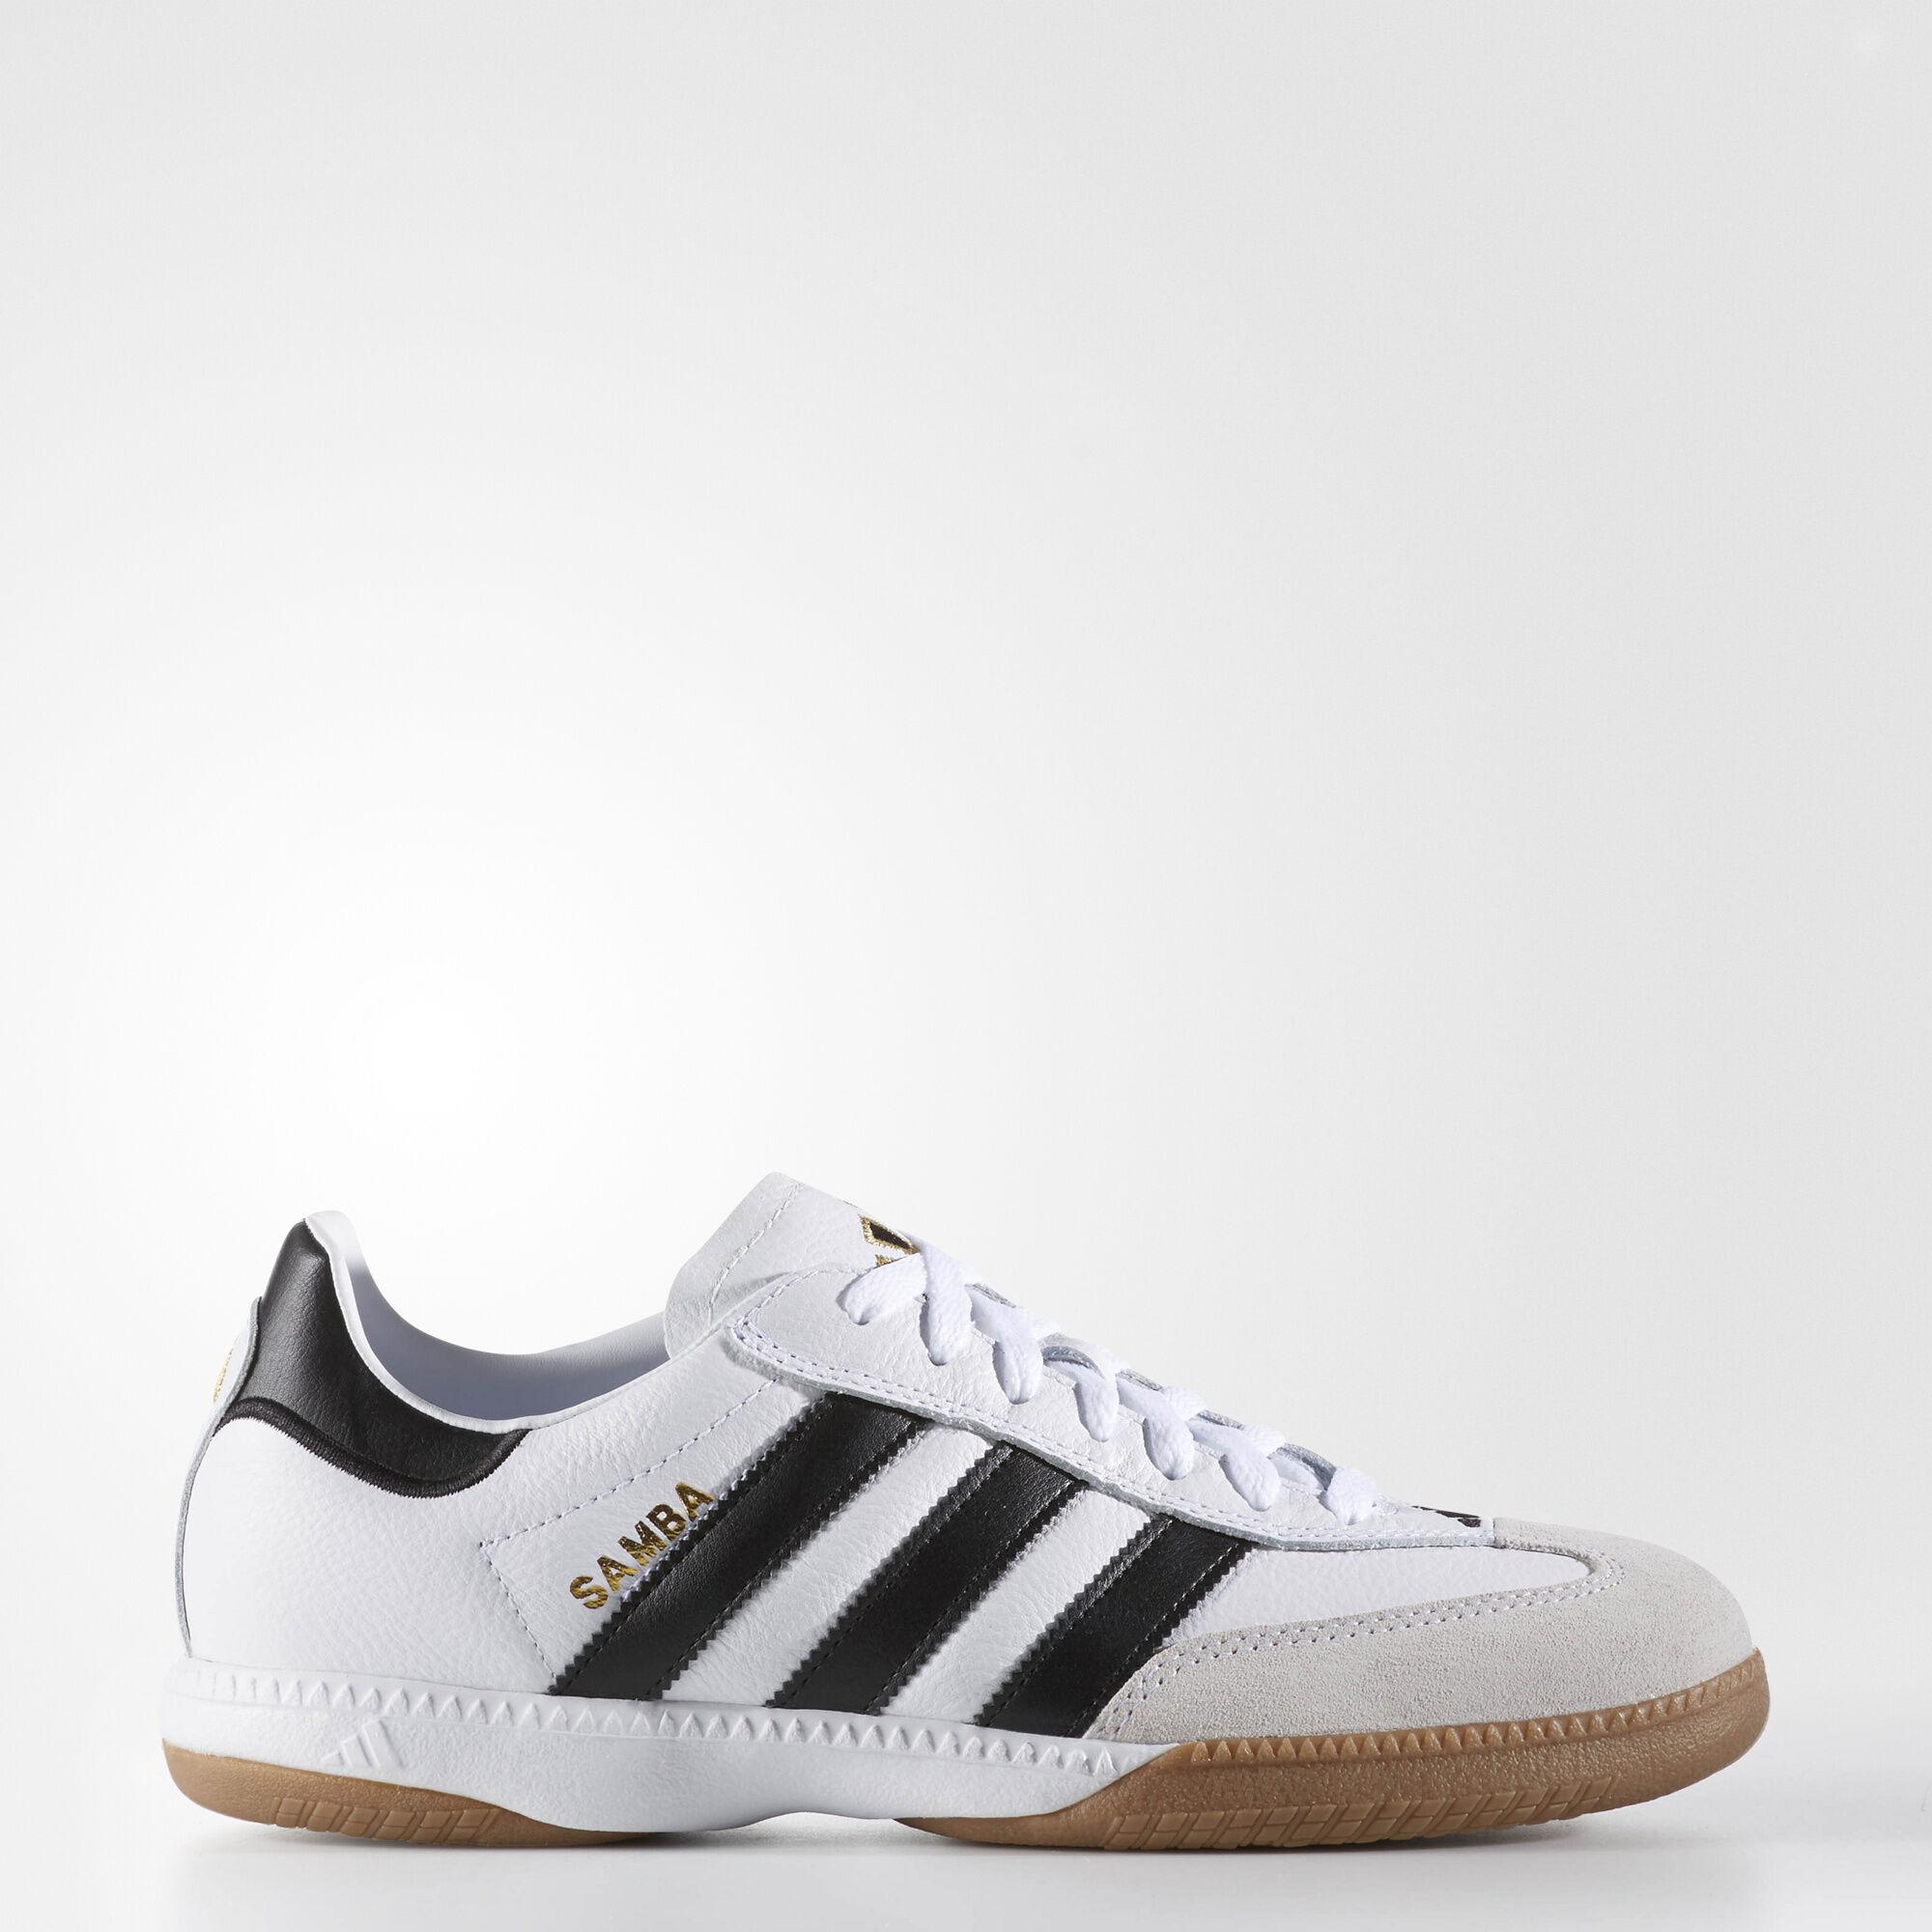 Adidas Torsion Shoes Male